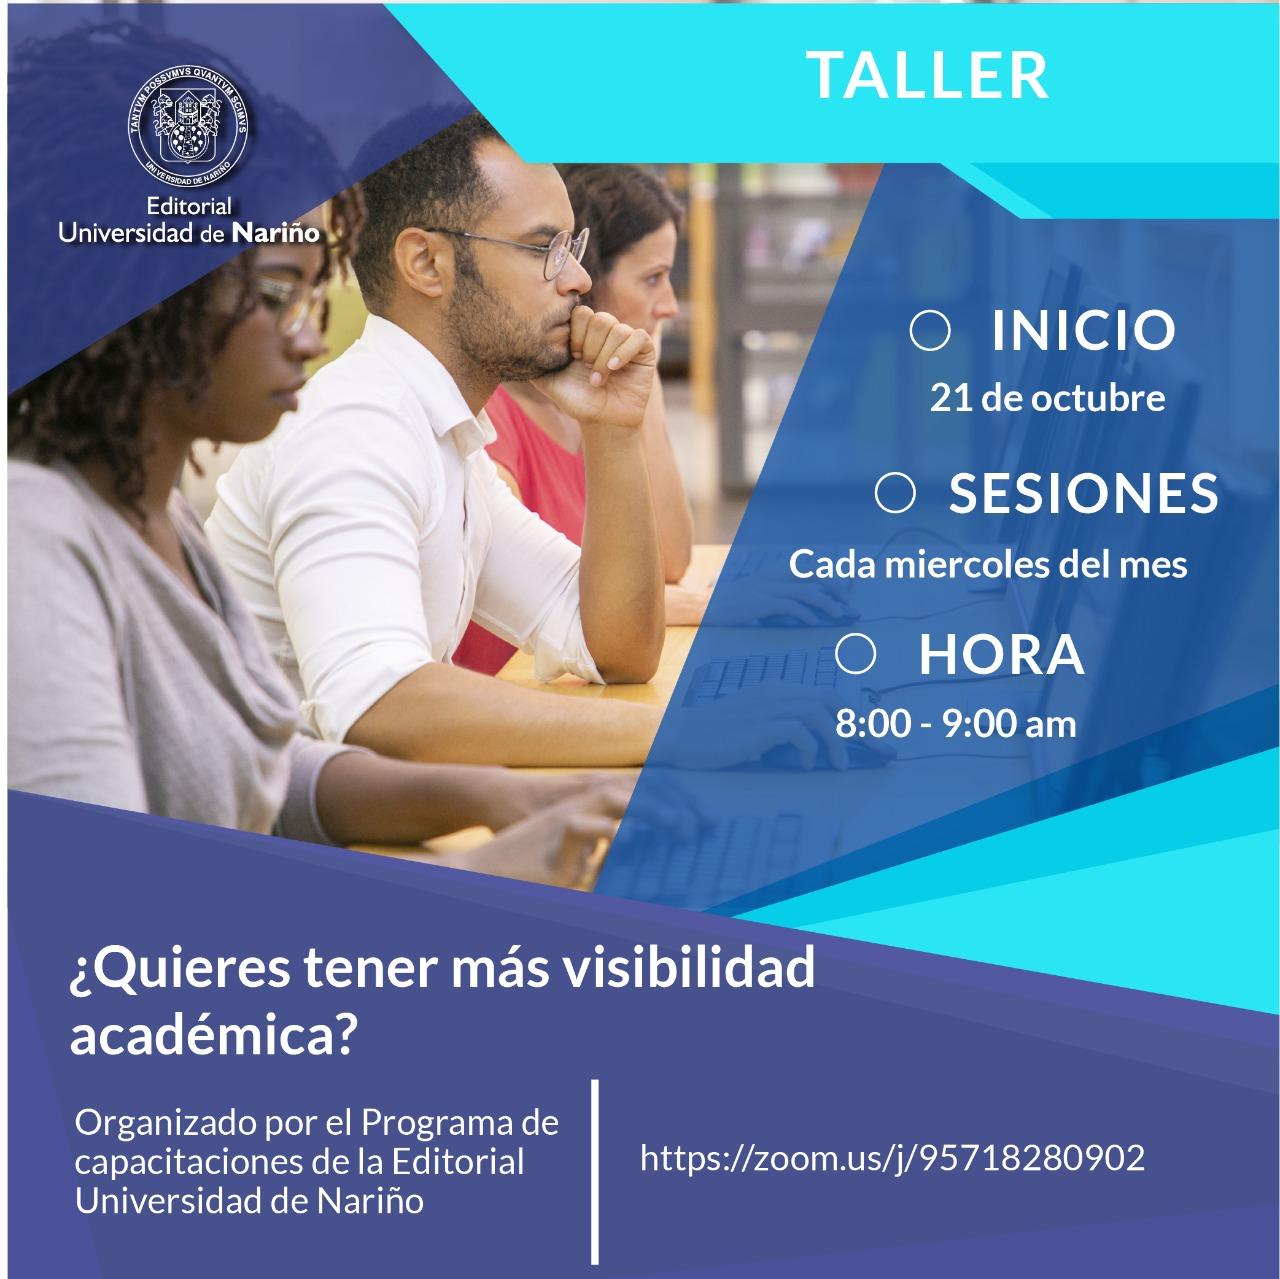 Taller de Visibilidad Académica